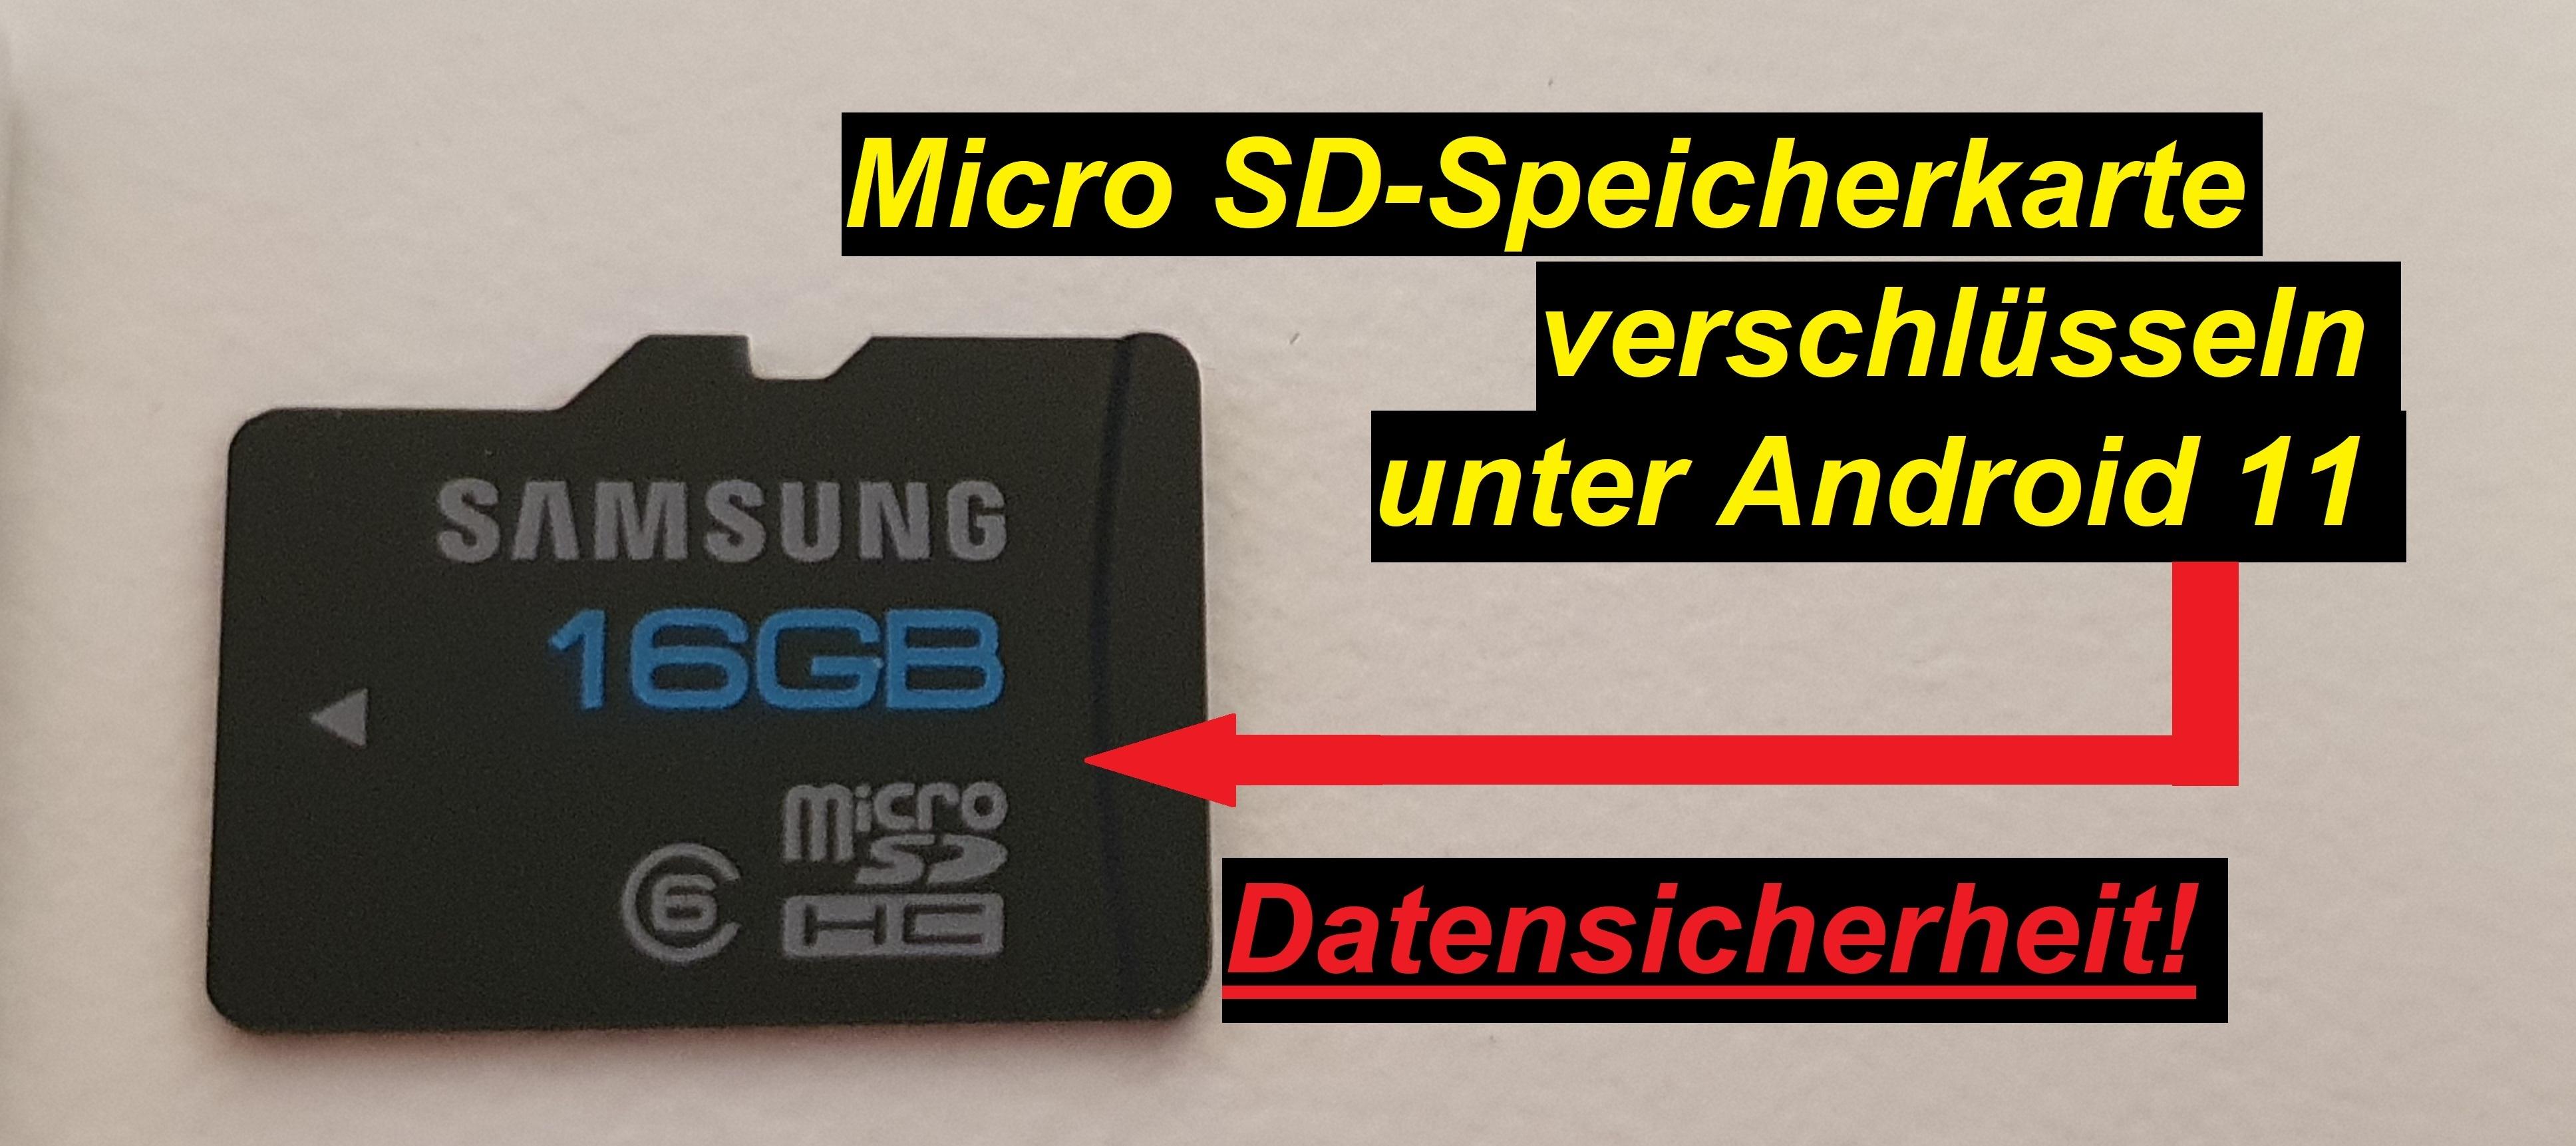 Micro SD Speicherkarte. Android 11 verschlüsseln - Tutorial